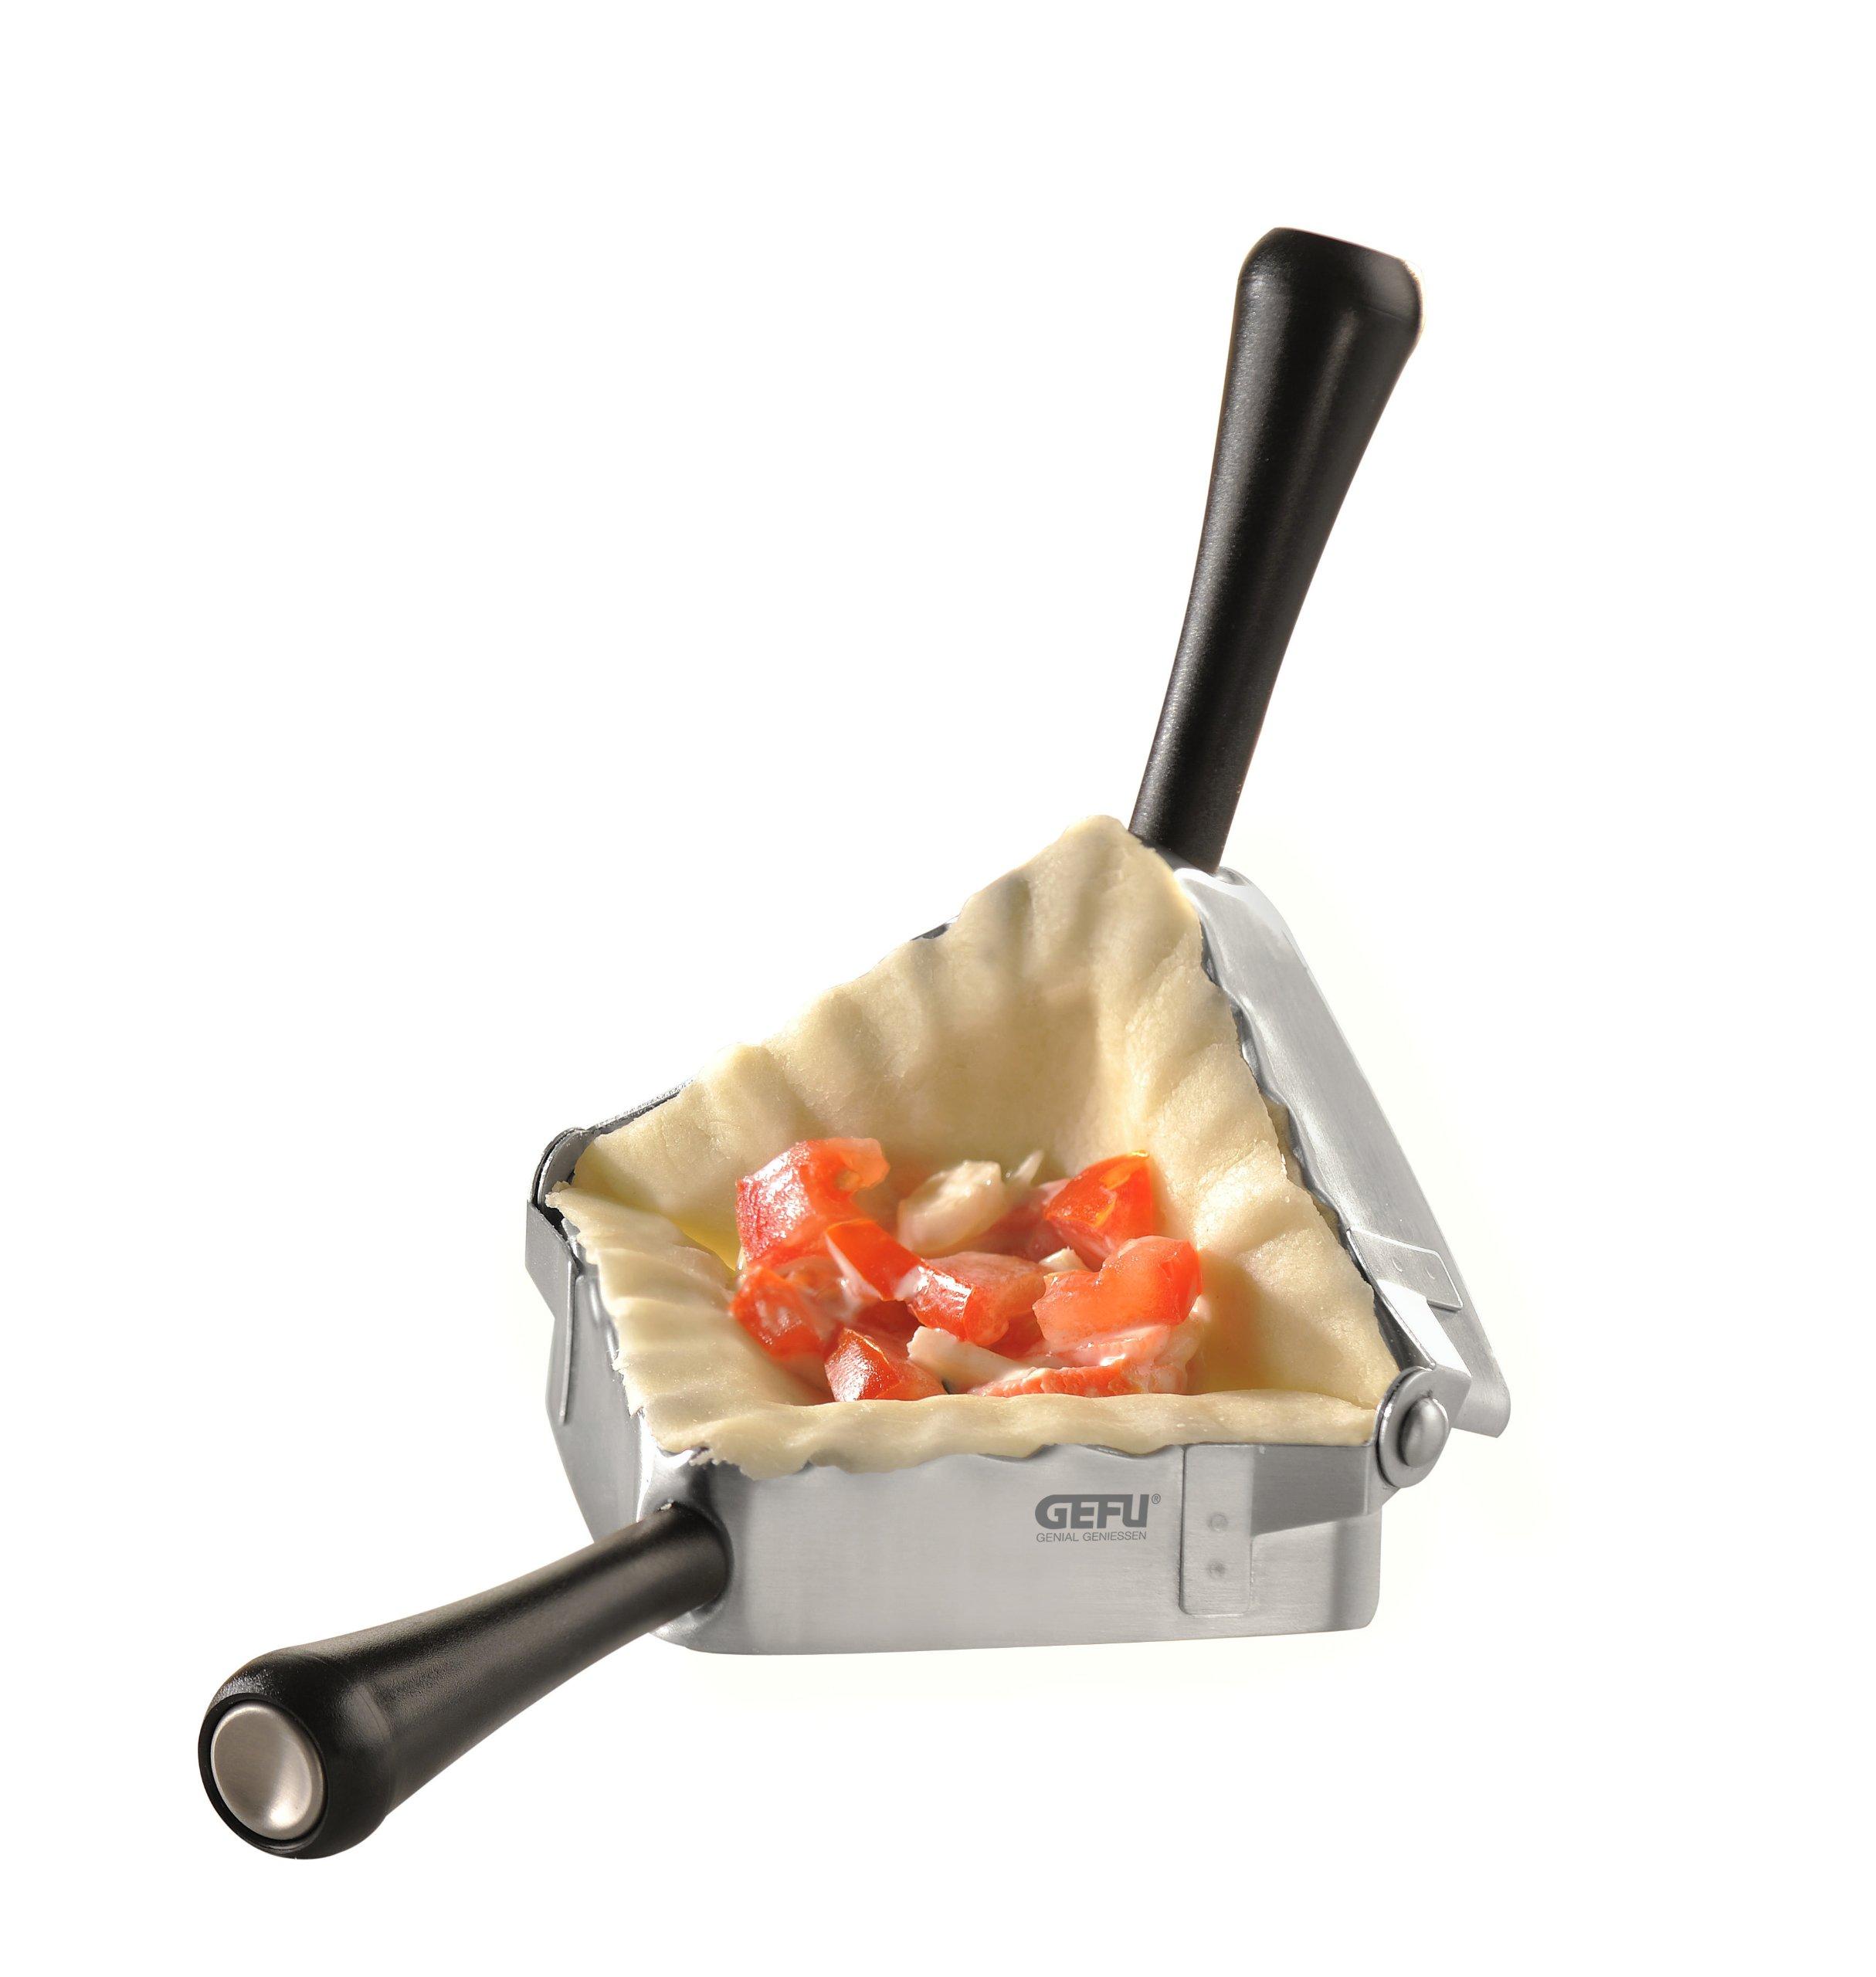 GEFU Premium Foldable Square Ravioli Pasta Press